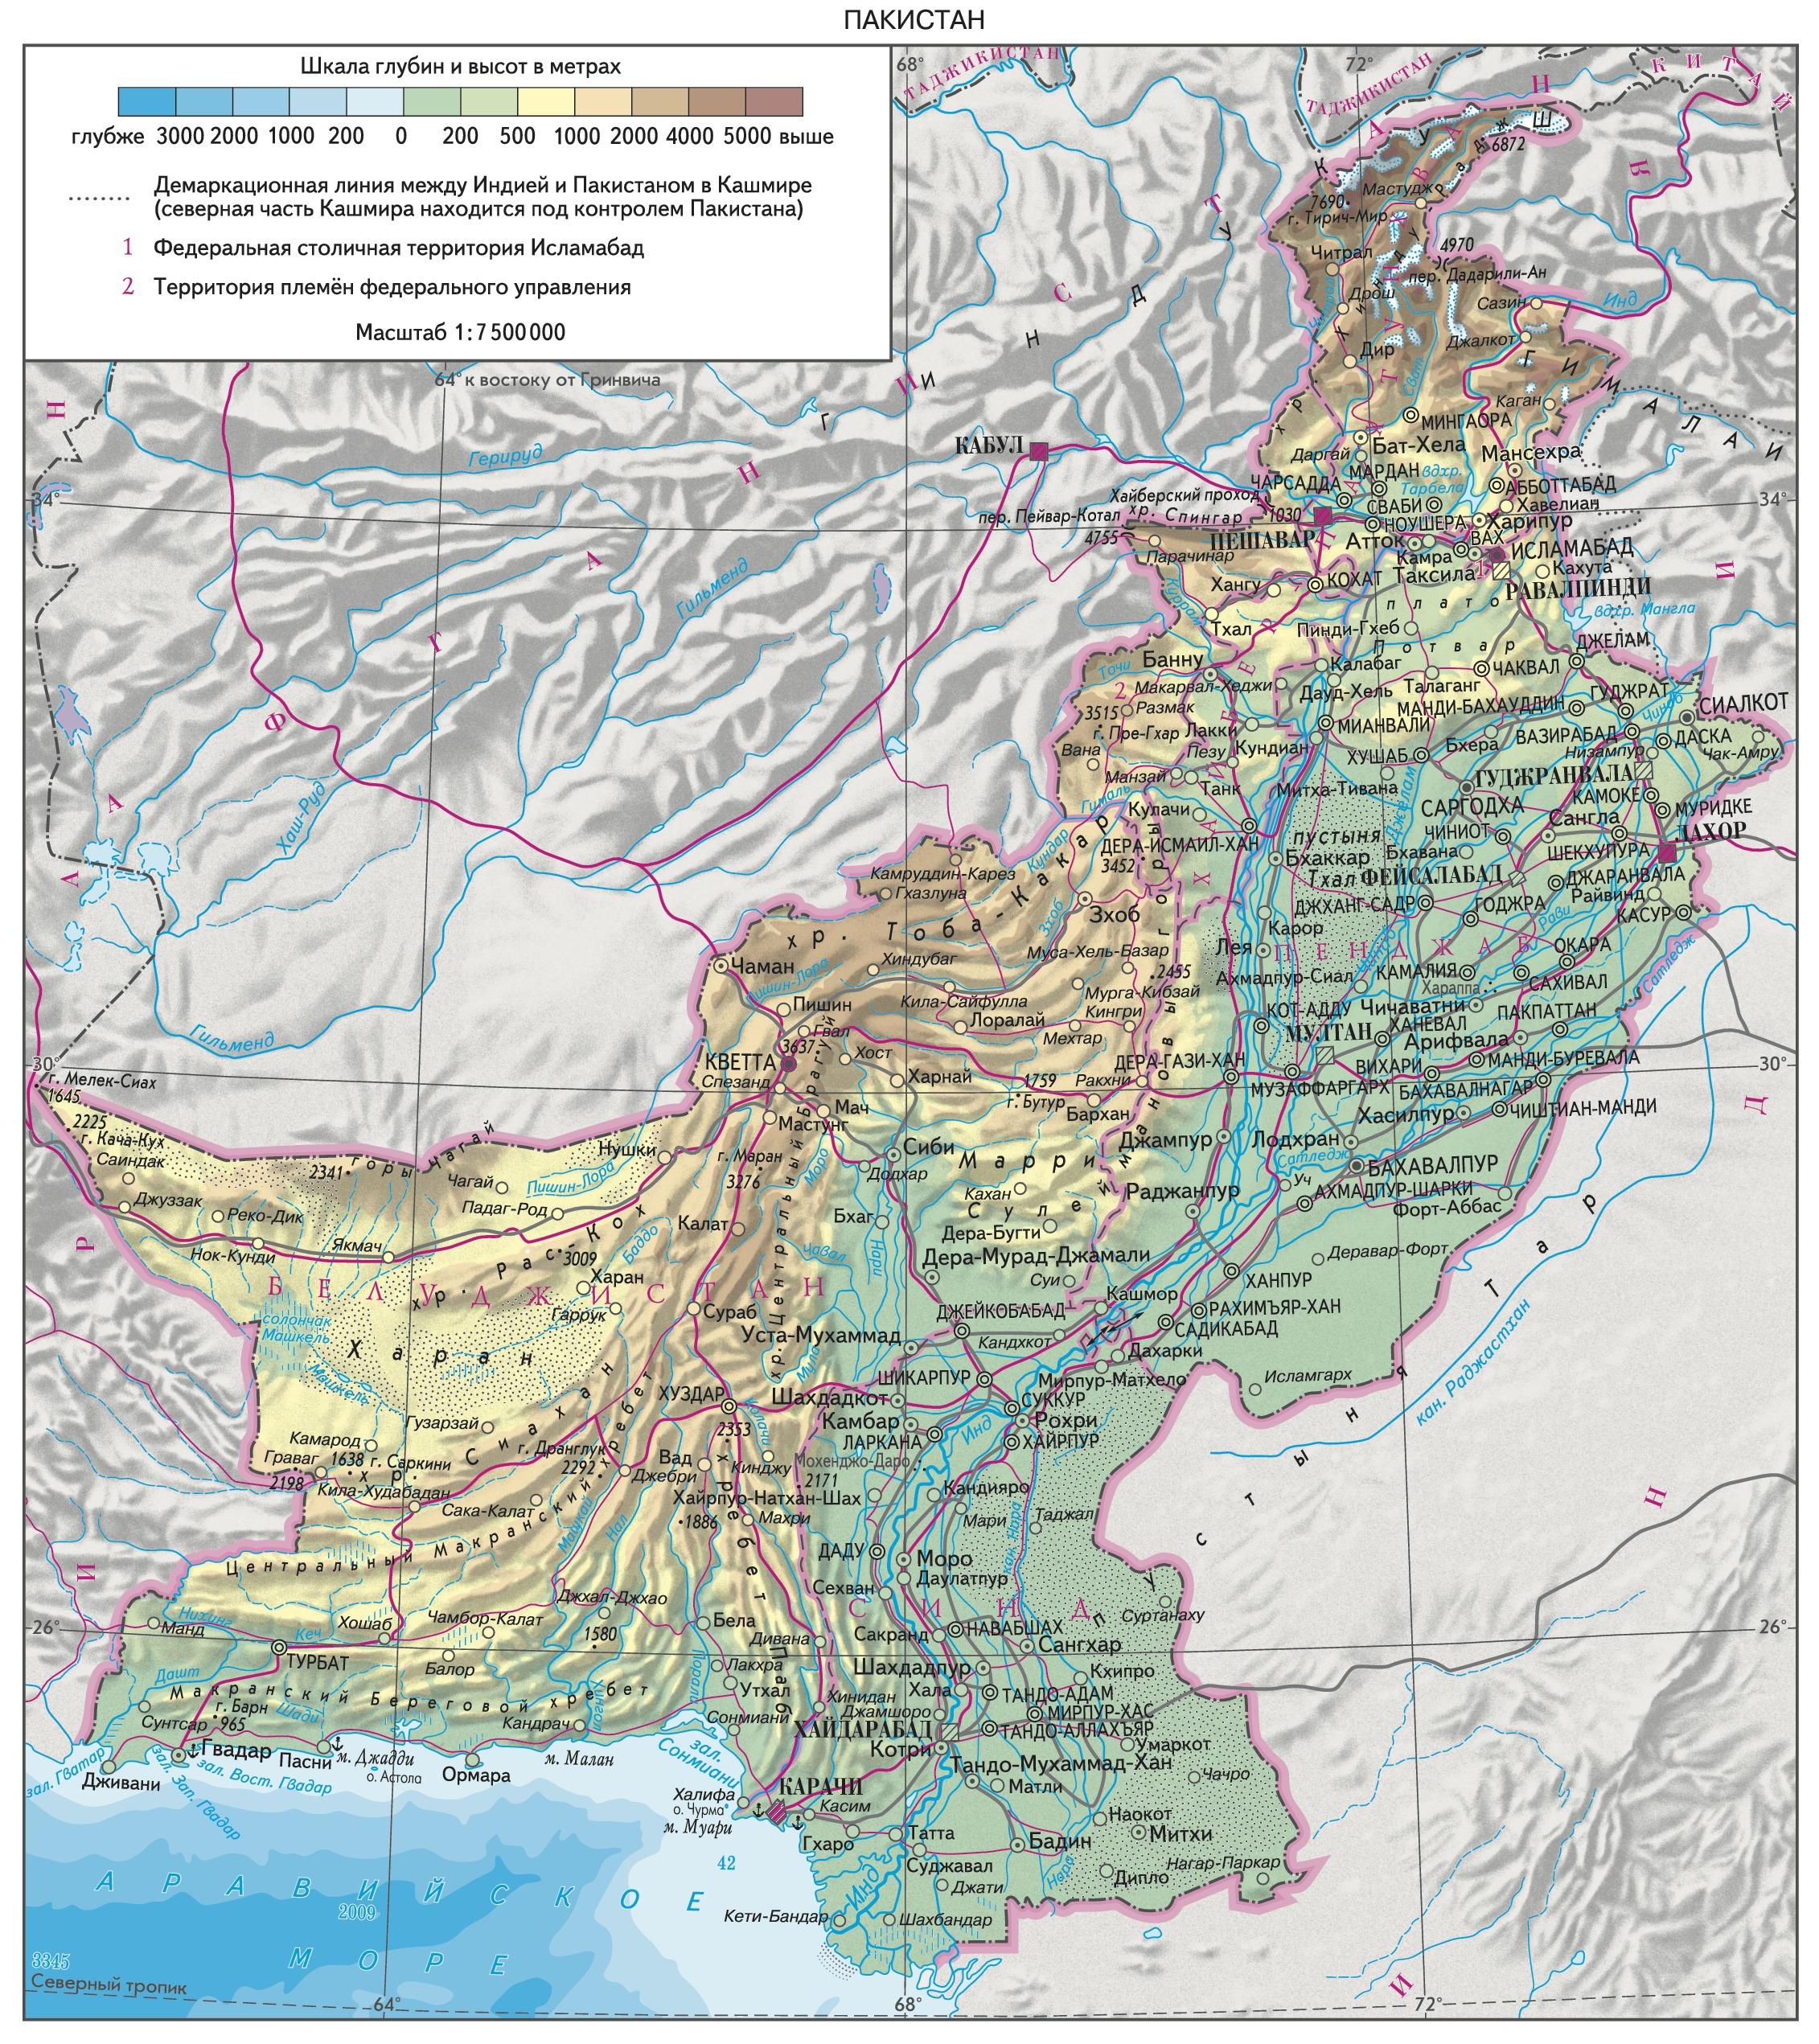 язык пакистанцев